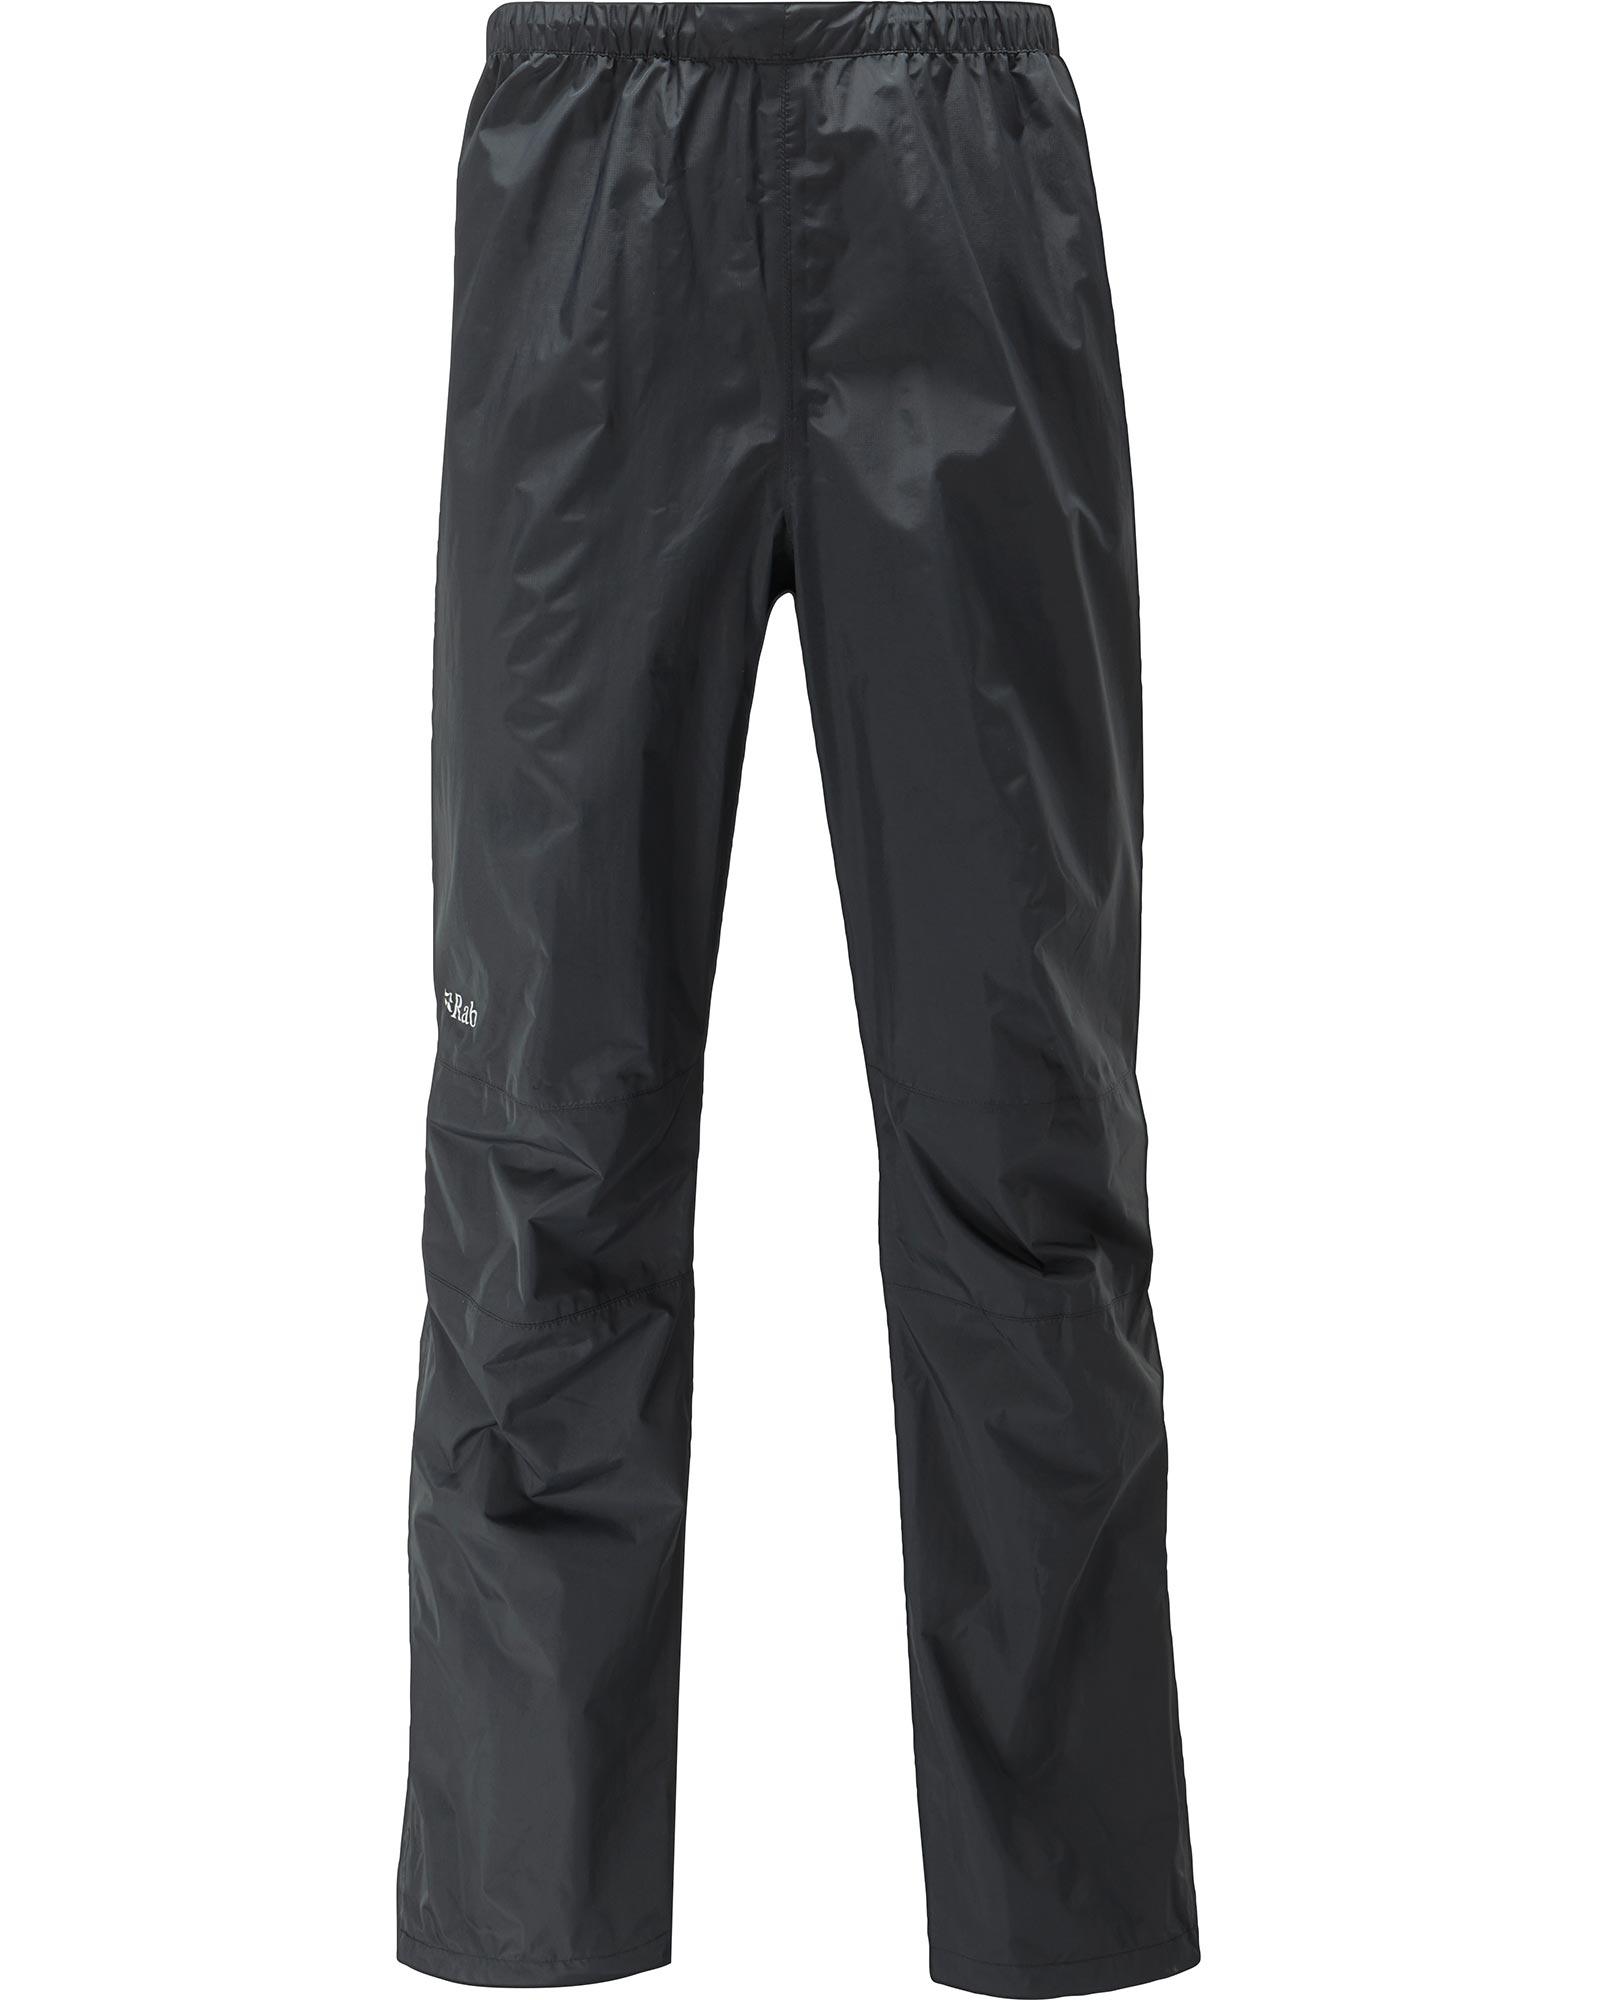 Rab Men's Downpour Pants 0